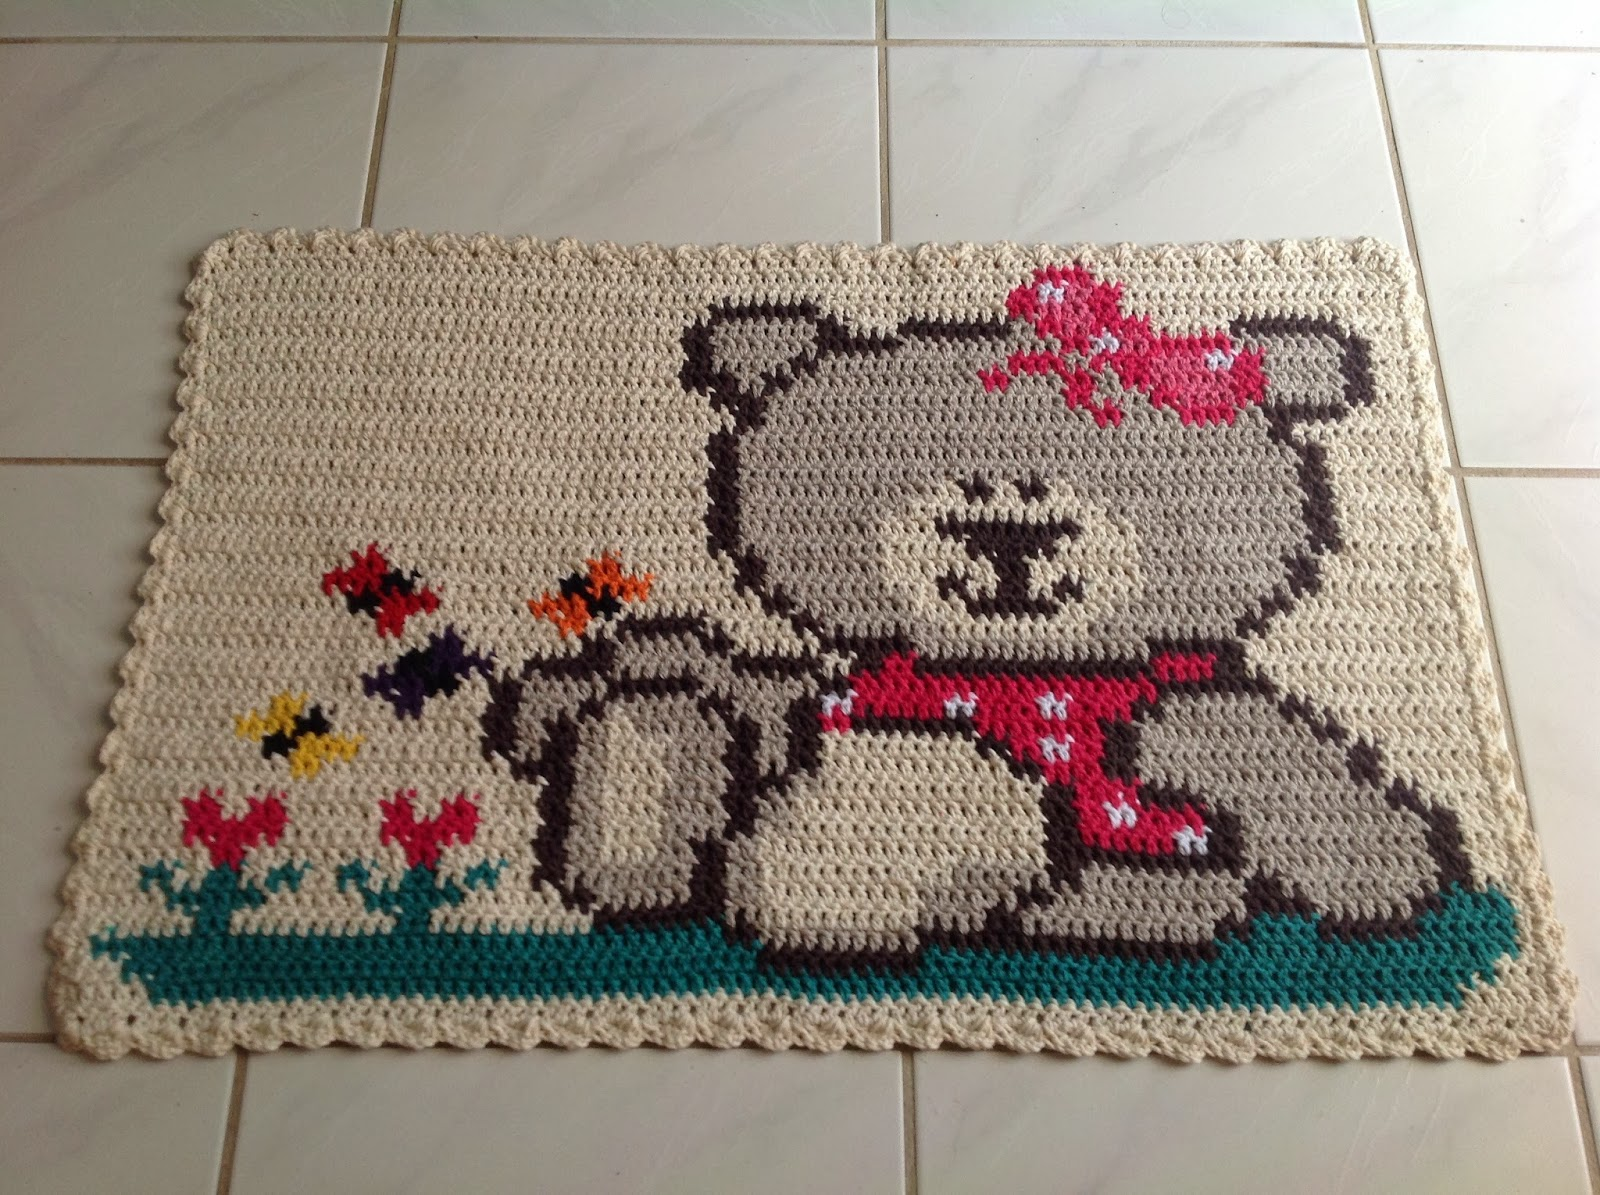 Modelos Tapetes Infantis Crochê Onde Comprar, Melhores  ~ Ver Tapetes Para Quarto Infantil